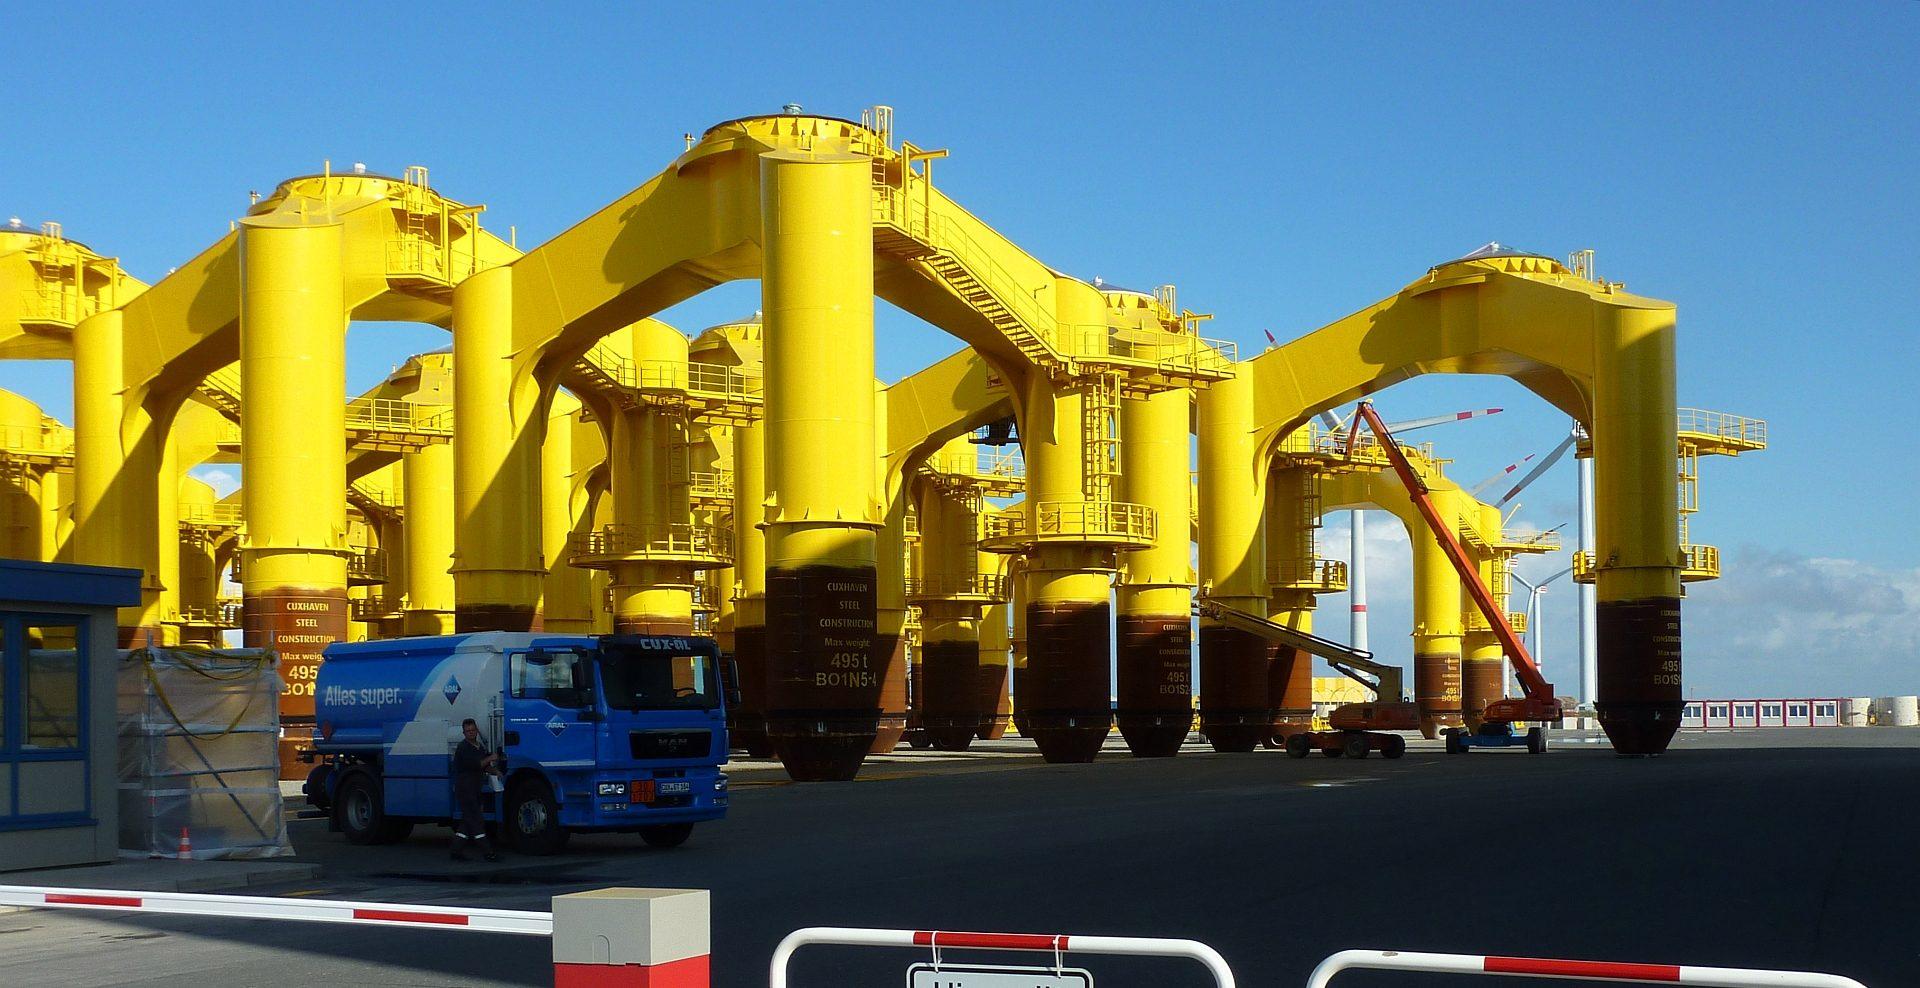 Bauteile pulverbeschichten Offshore